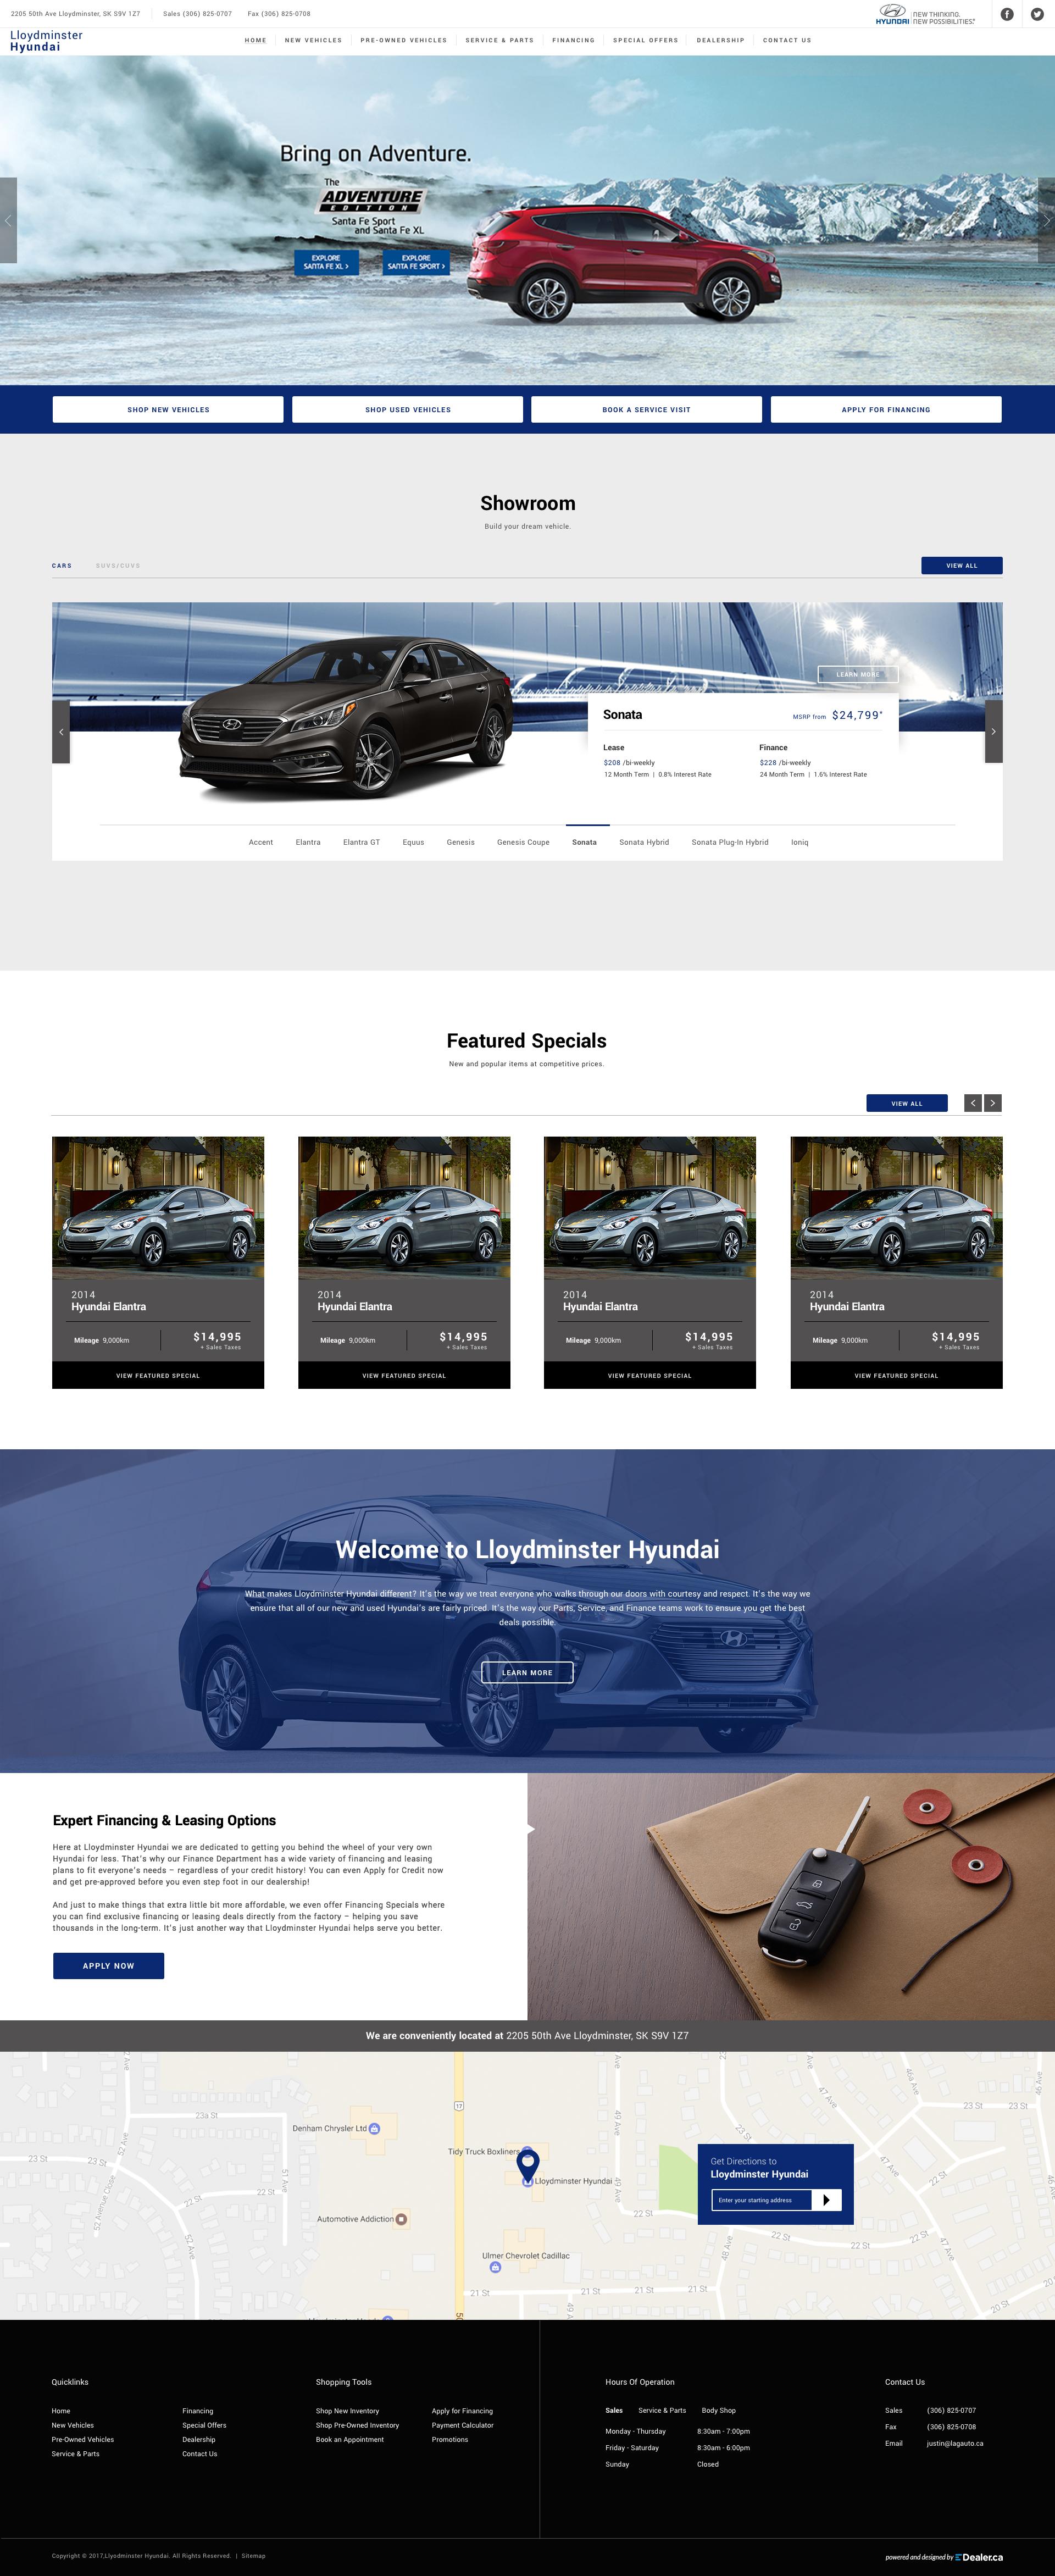 Lloydminster Hyundai